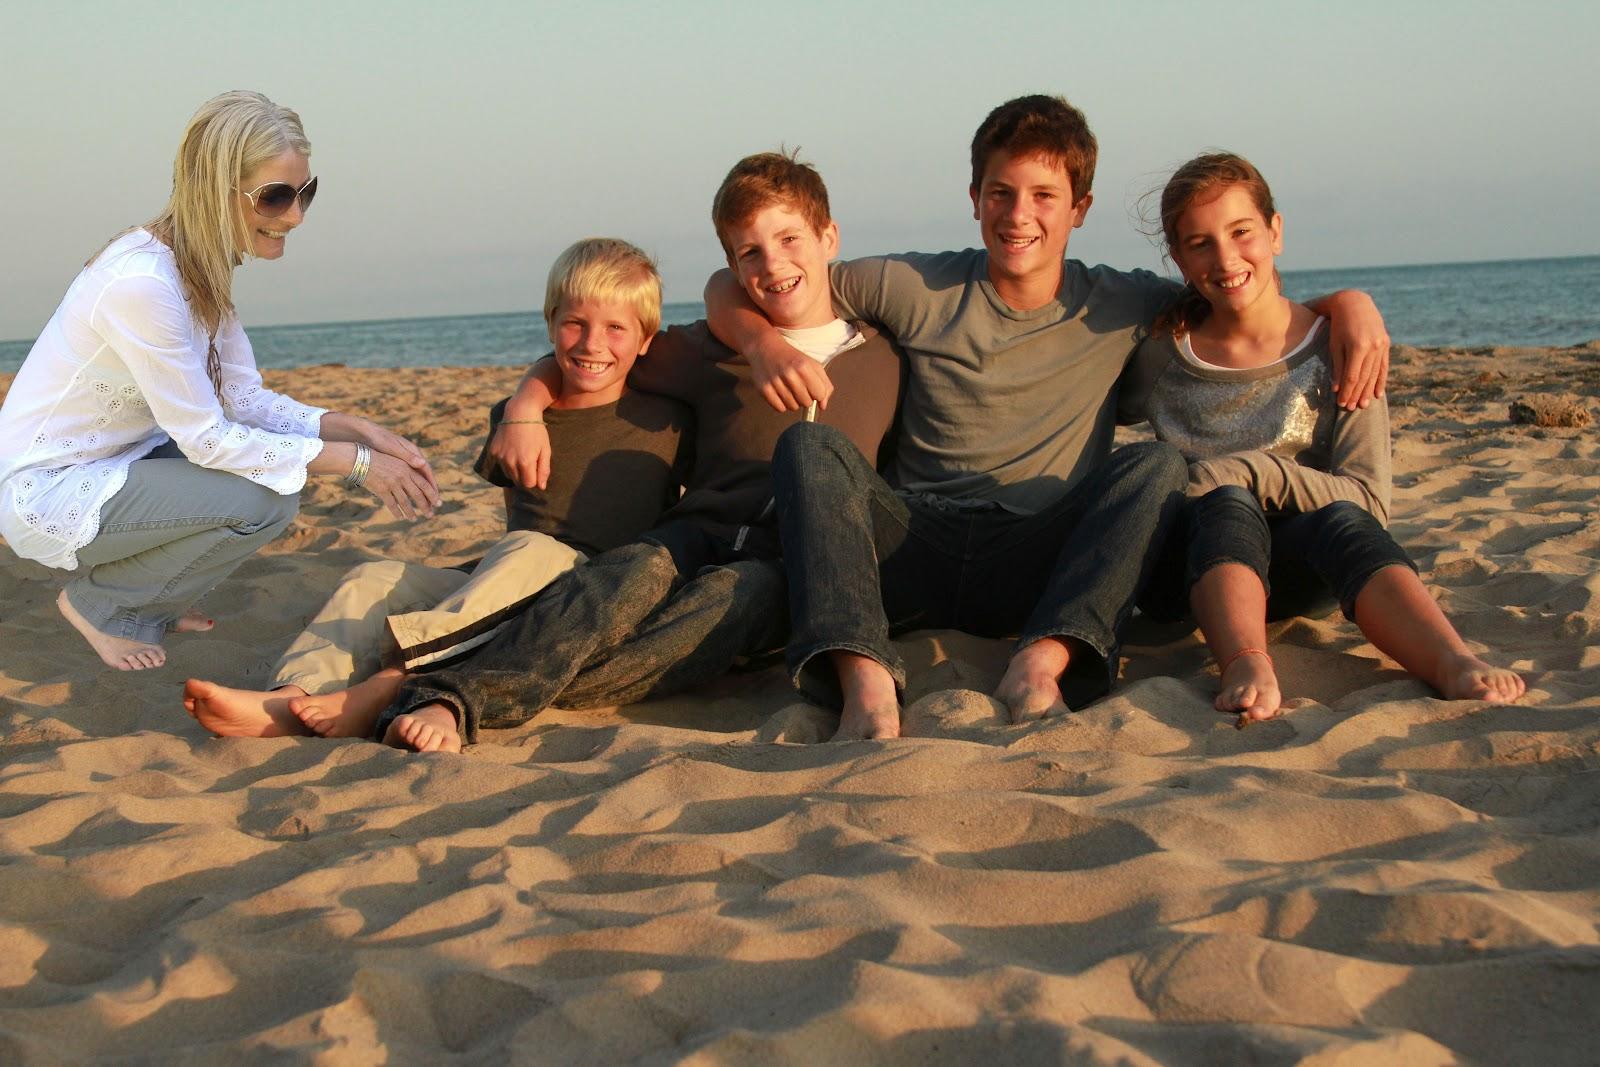 http://4.bp.blogspot.com/-Gz-MIQxMqS0/T8gbgS7_1oI/AAAAAAAAGNQ/DVCJiQ00aOY/s1600/beachphotoshop.jpg